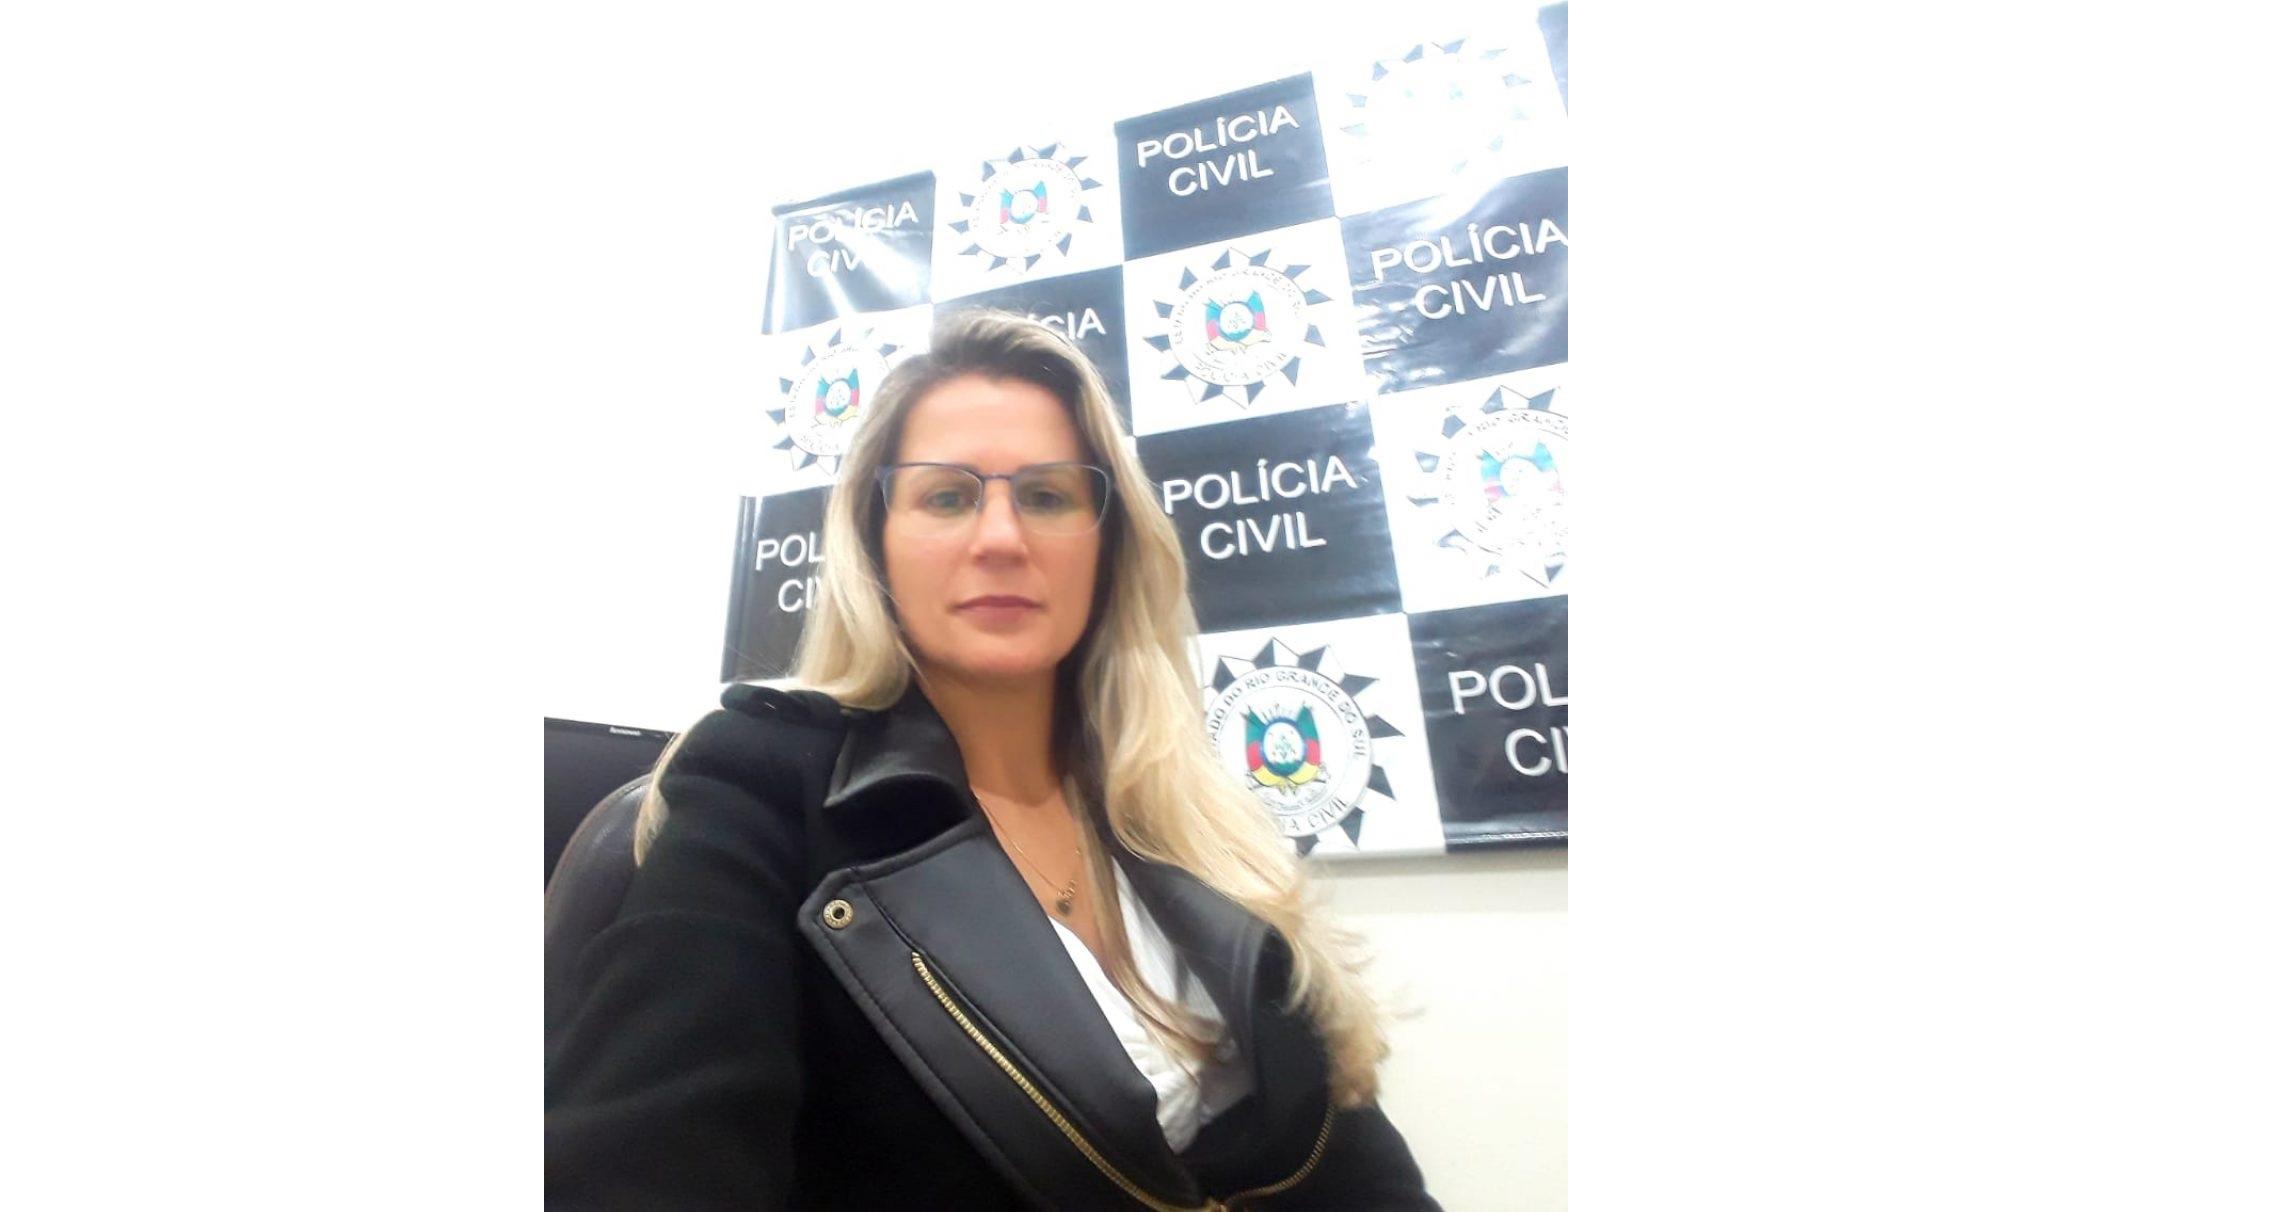 Delegada diz que informações em redes sociais atrapalham investigações